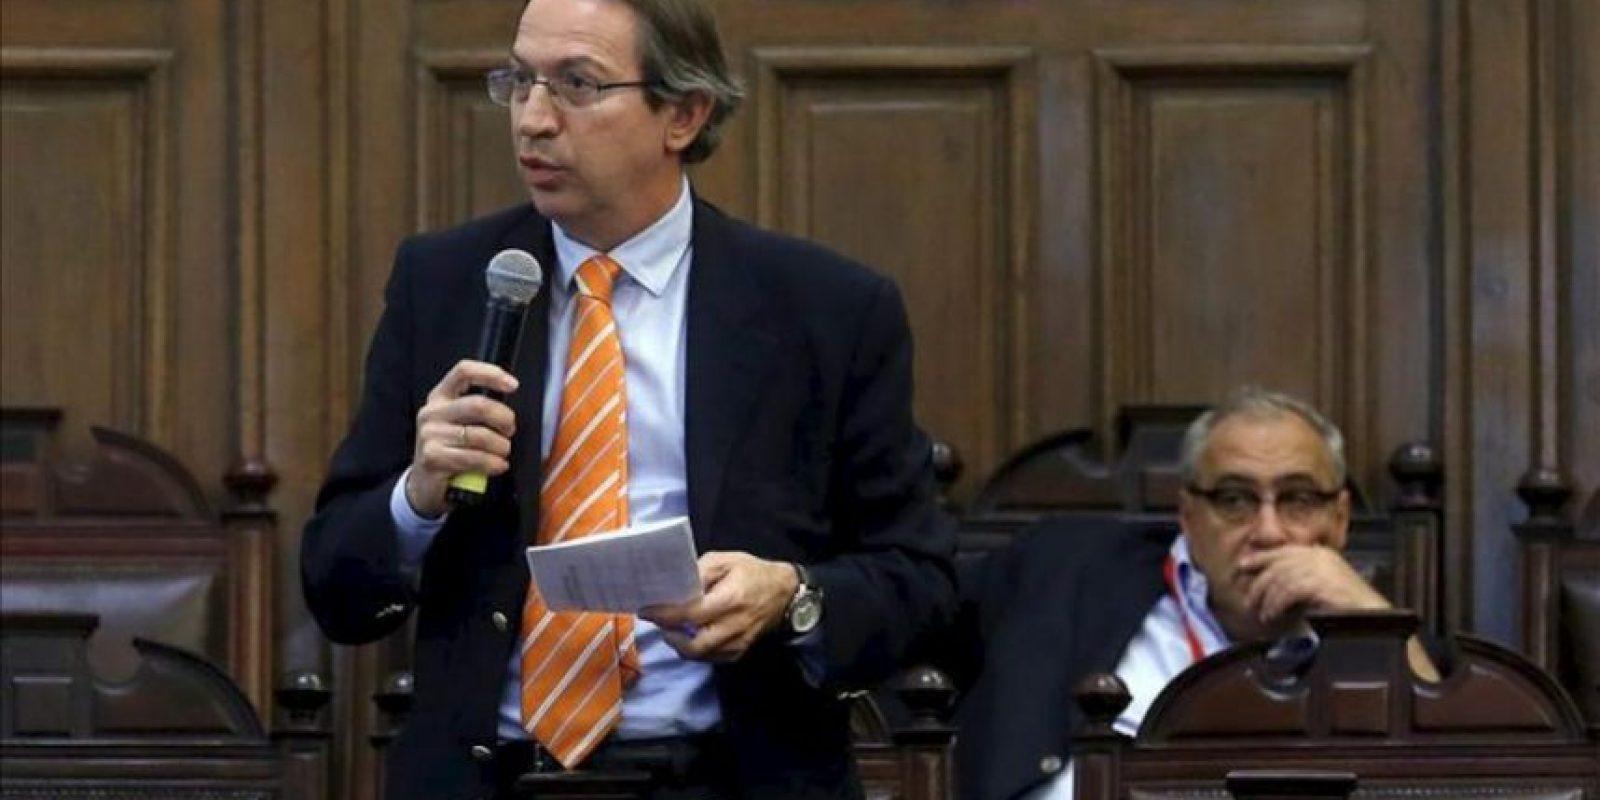 El Presidente de la Agencia Efe, Jose Antonio Vera (i), habla este 27 de noviembre, en el primer congreso de editores de medios de Europa-América Latina y el Caribe que se celebra hasta este 28 de noviembre en el edificio del Congreso Nacional en Santiago. EFE